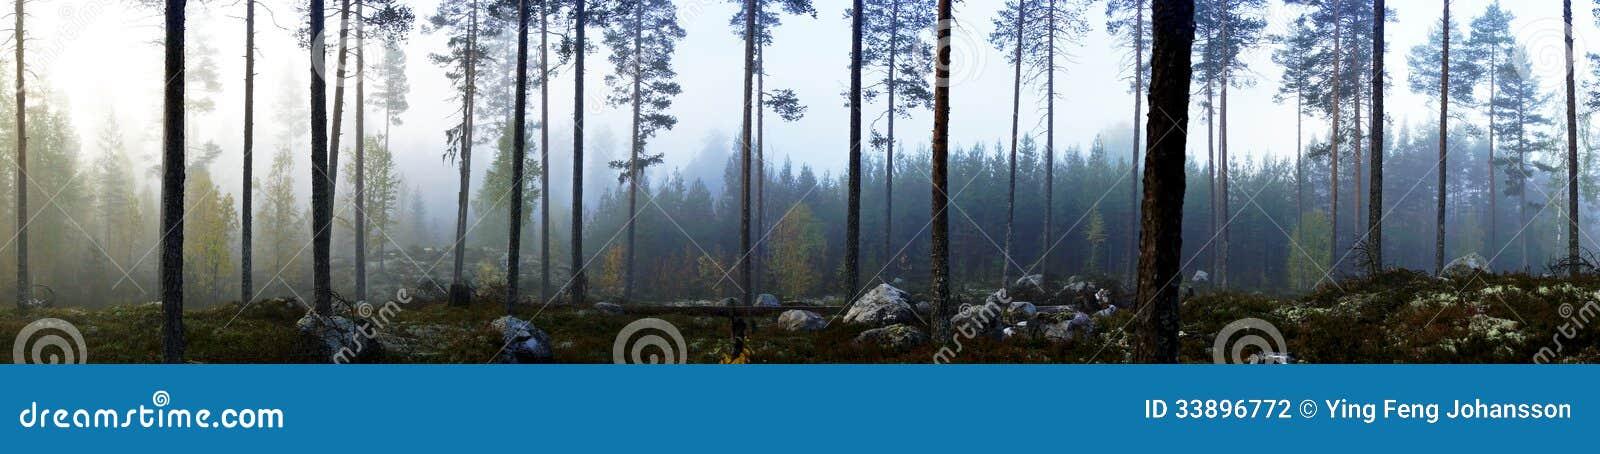 Svensk pinjeskog i dimma